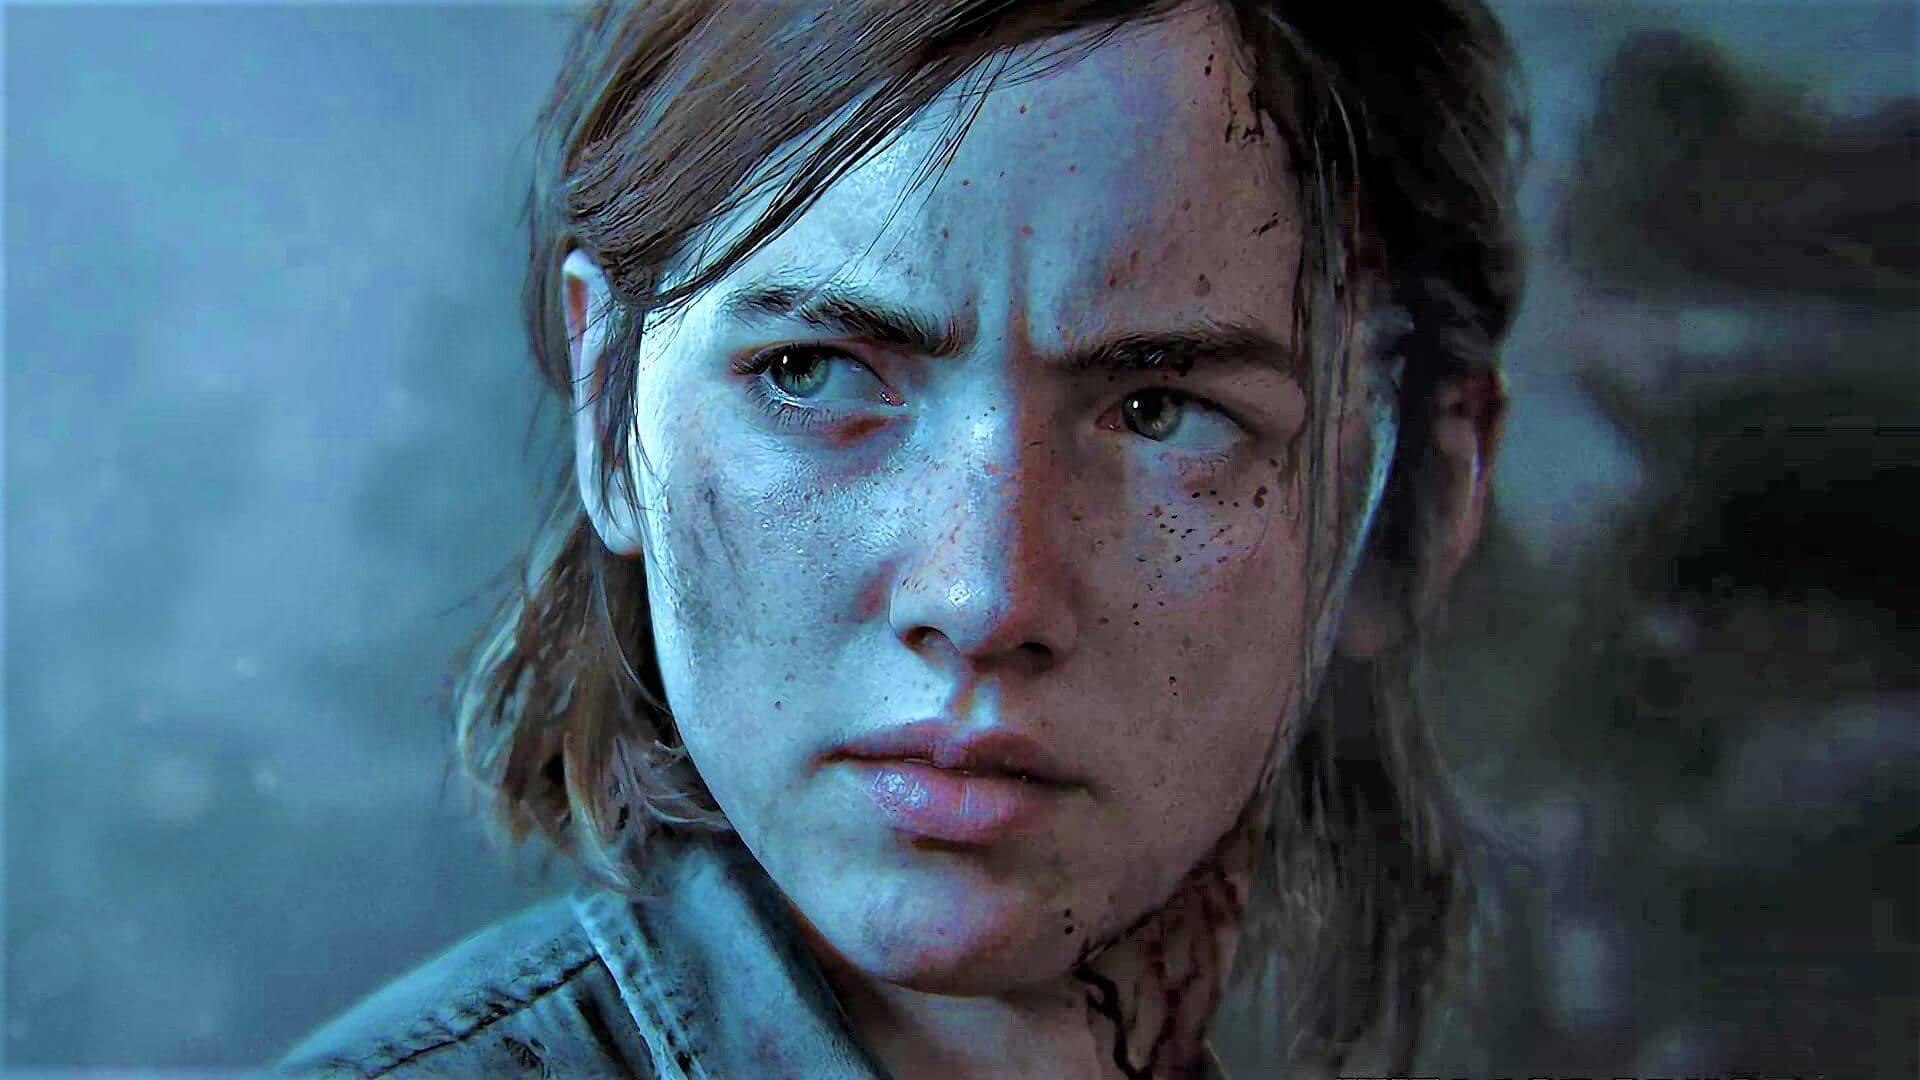 ¿Ellie con 49 años? Una artista se imagina a los personajes de The Last of Us Part II 30 años después